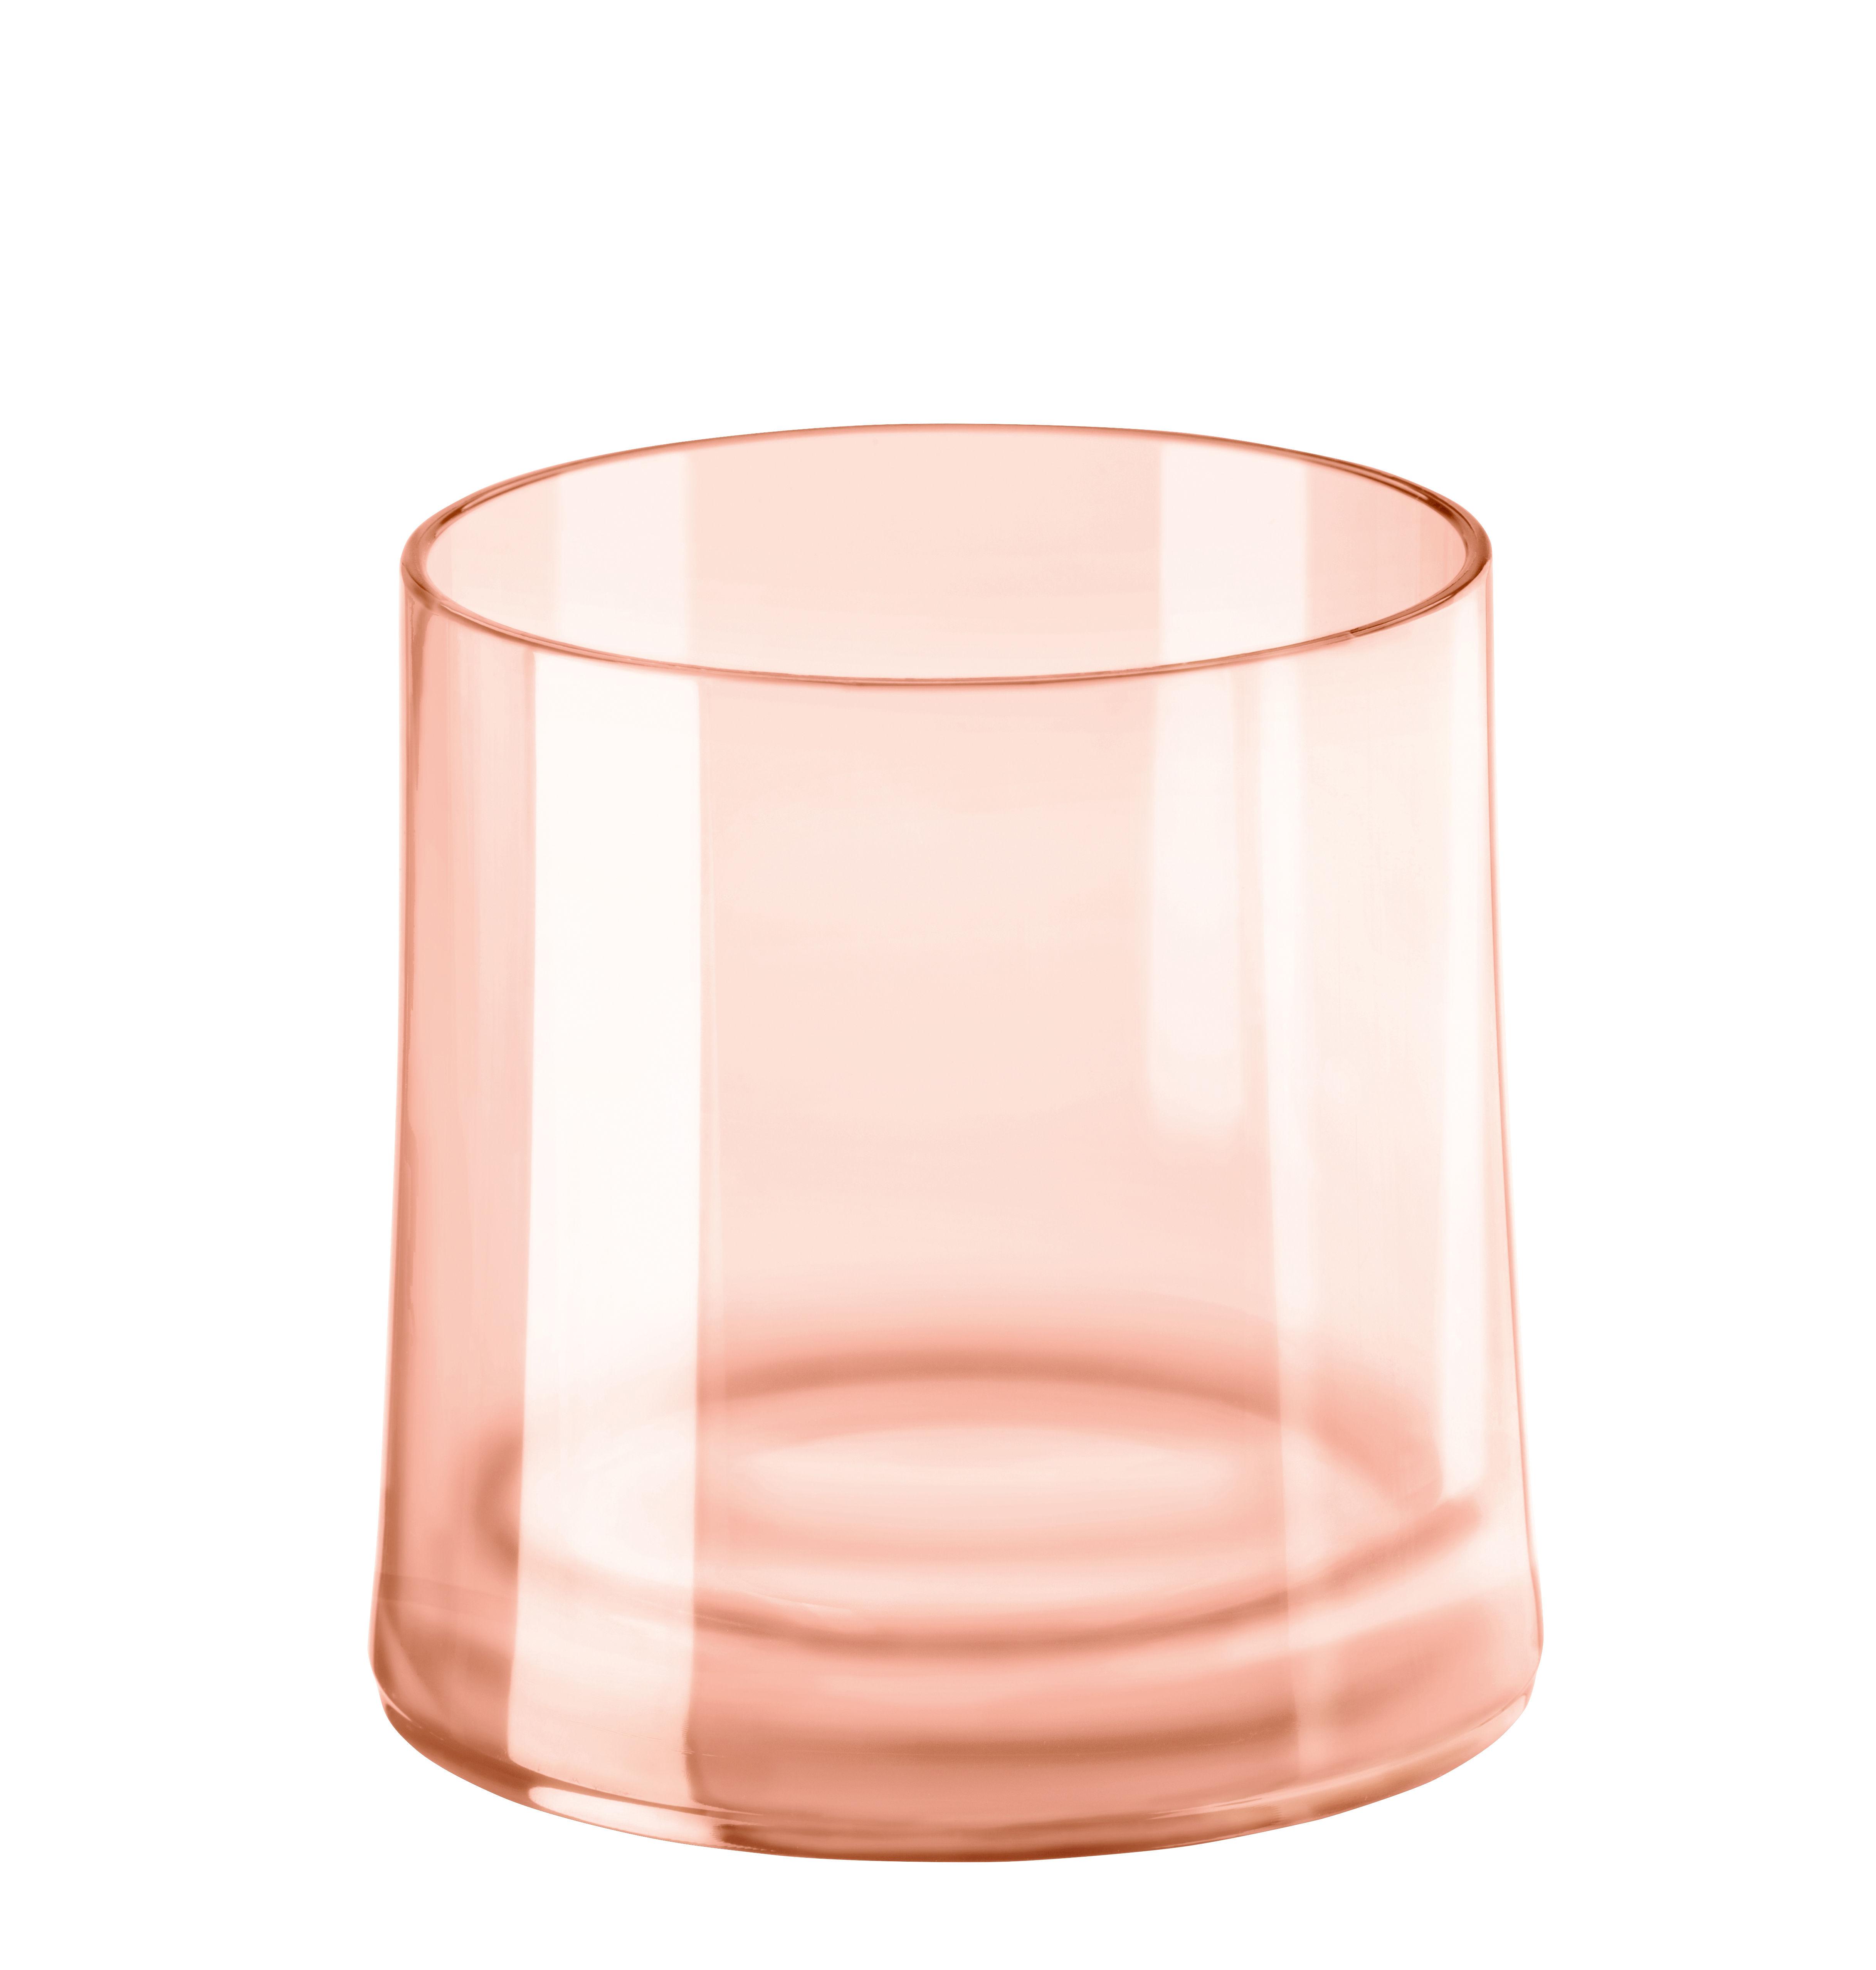 Arts de la table - Verres  - Verre Cheers NO. 2 - Koziol - Rose quartz - Plastique